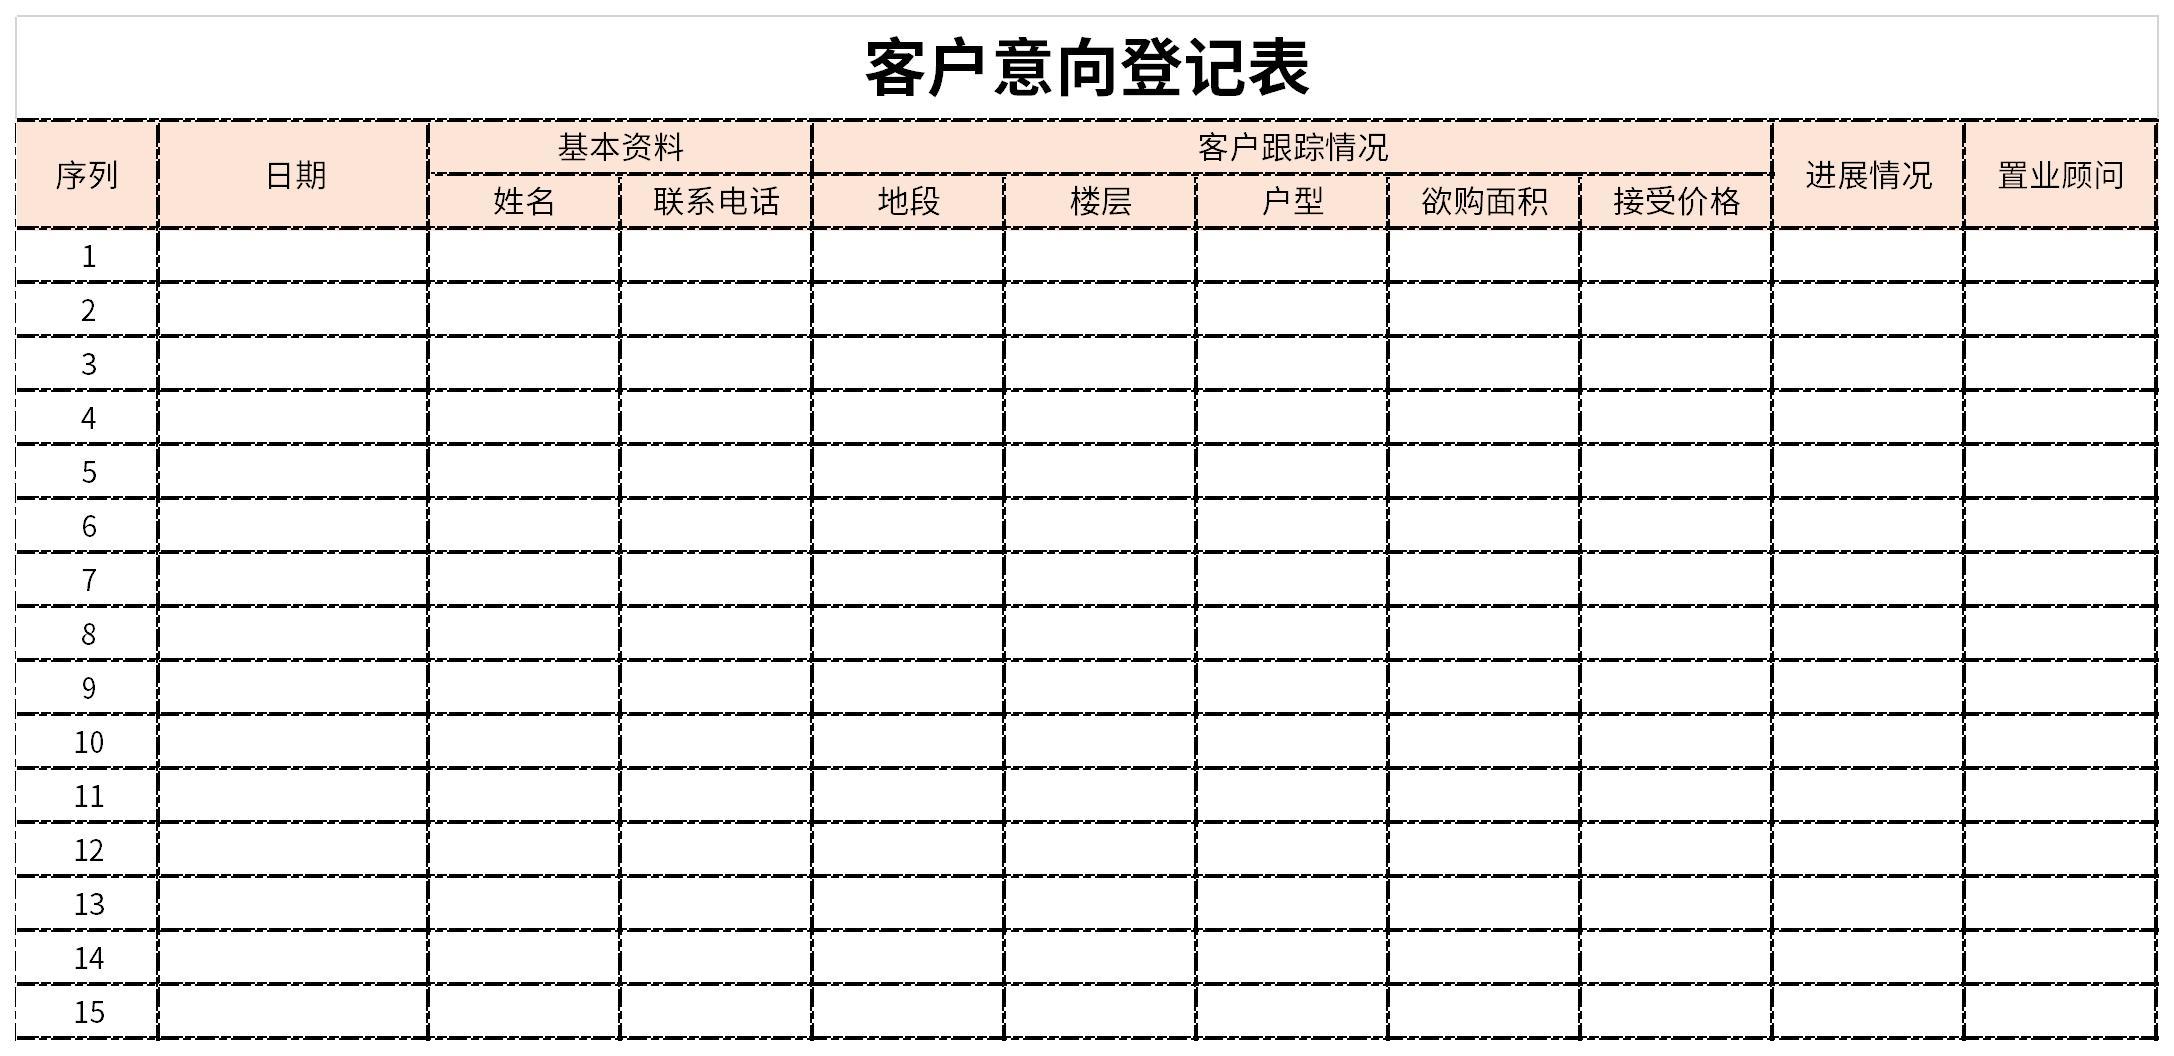 客户意向登记表截图